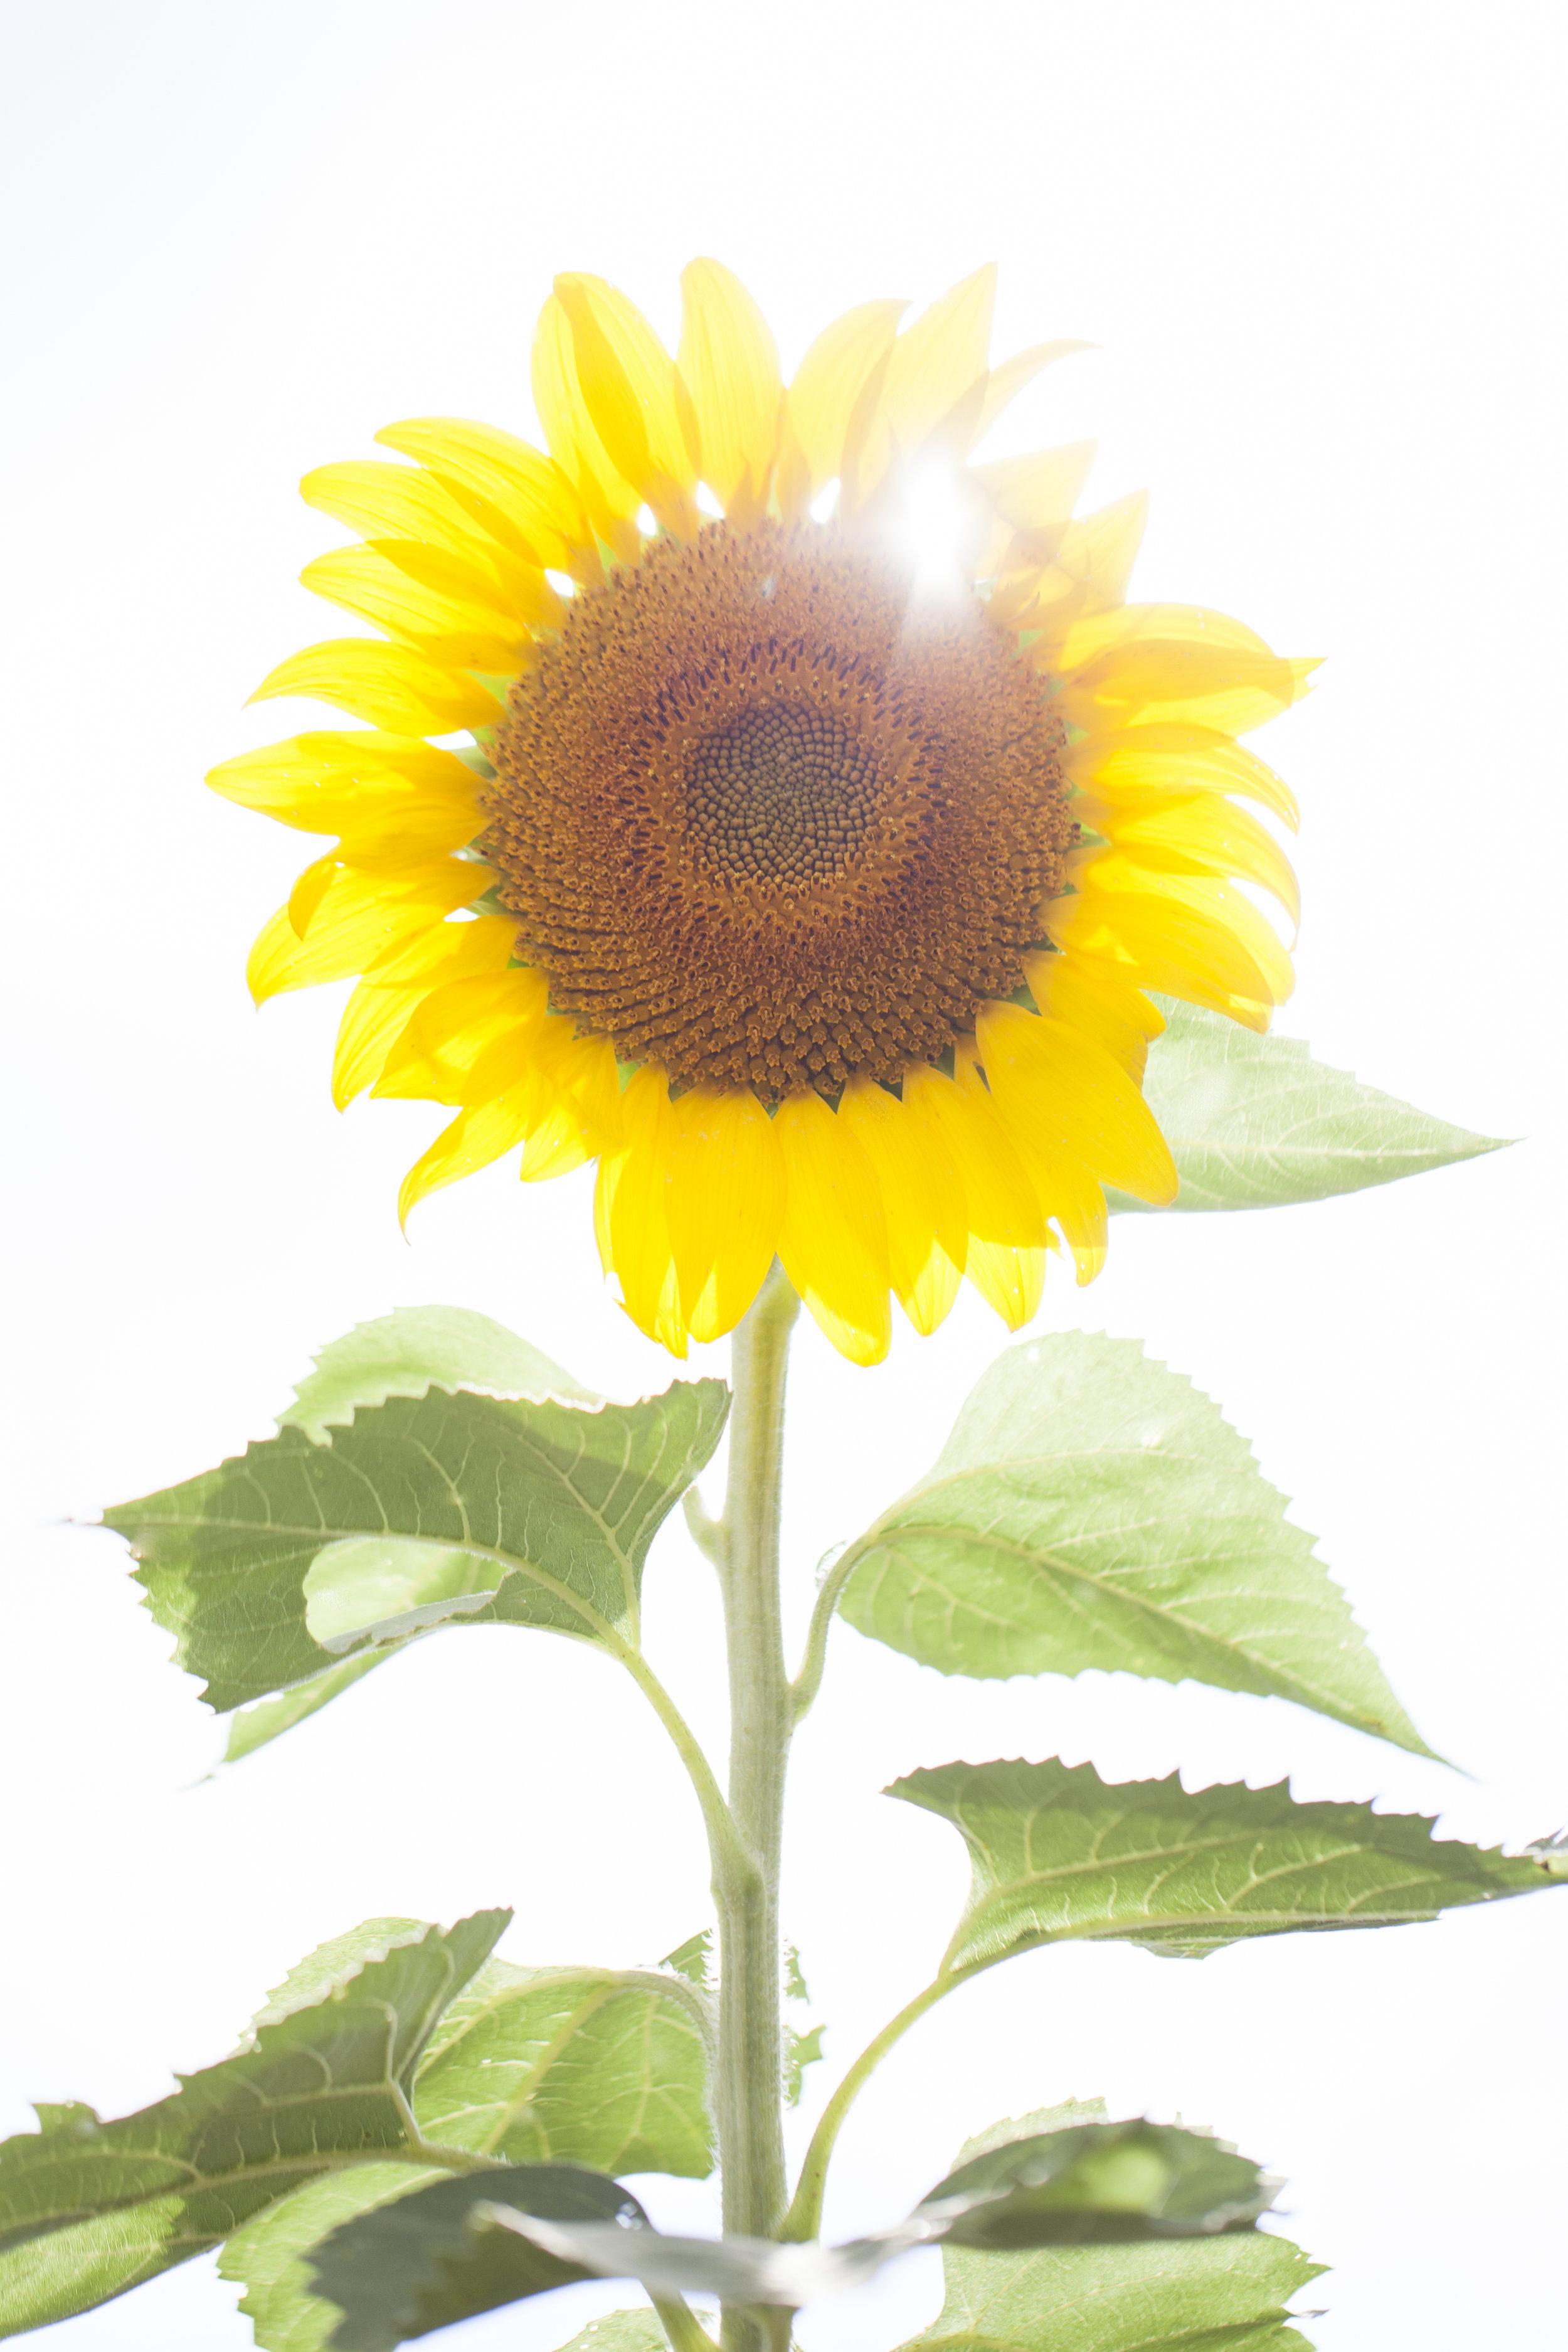 sunflower8.jpg